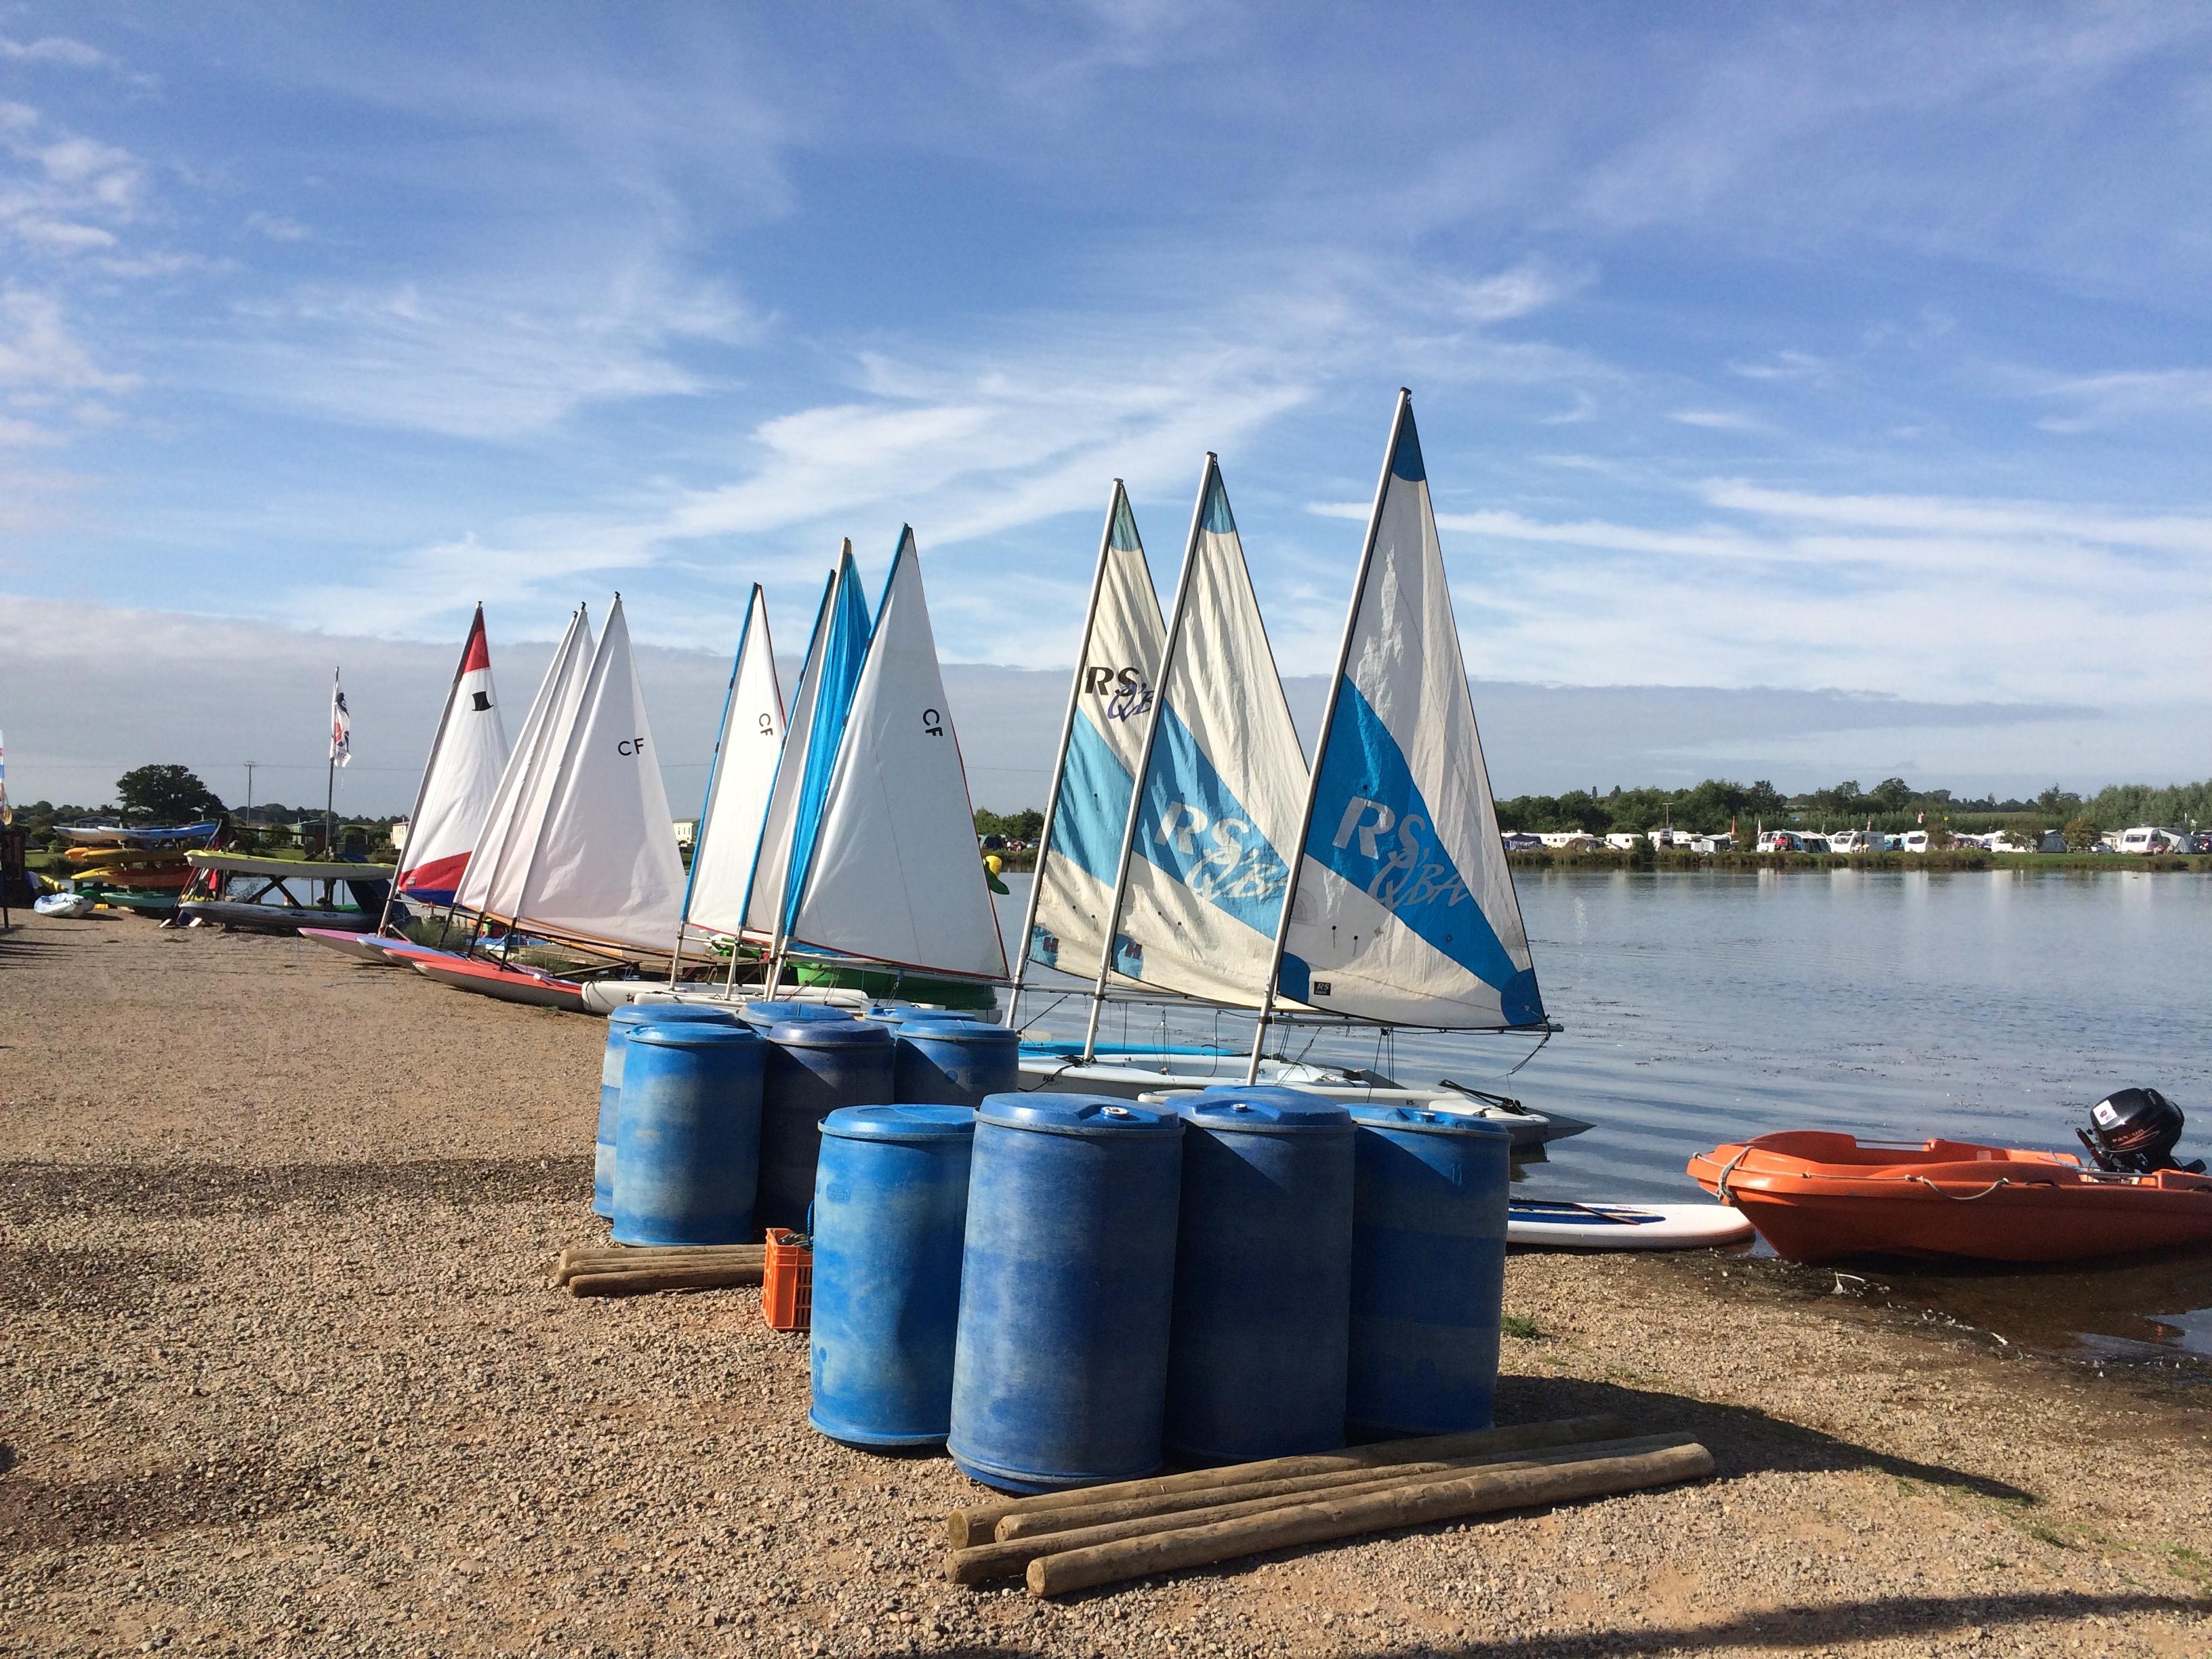 Sailing at cheltenham photo